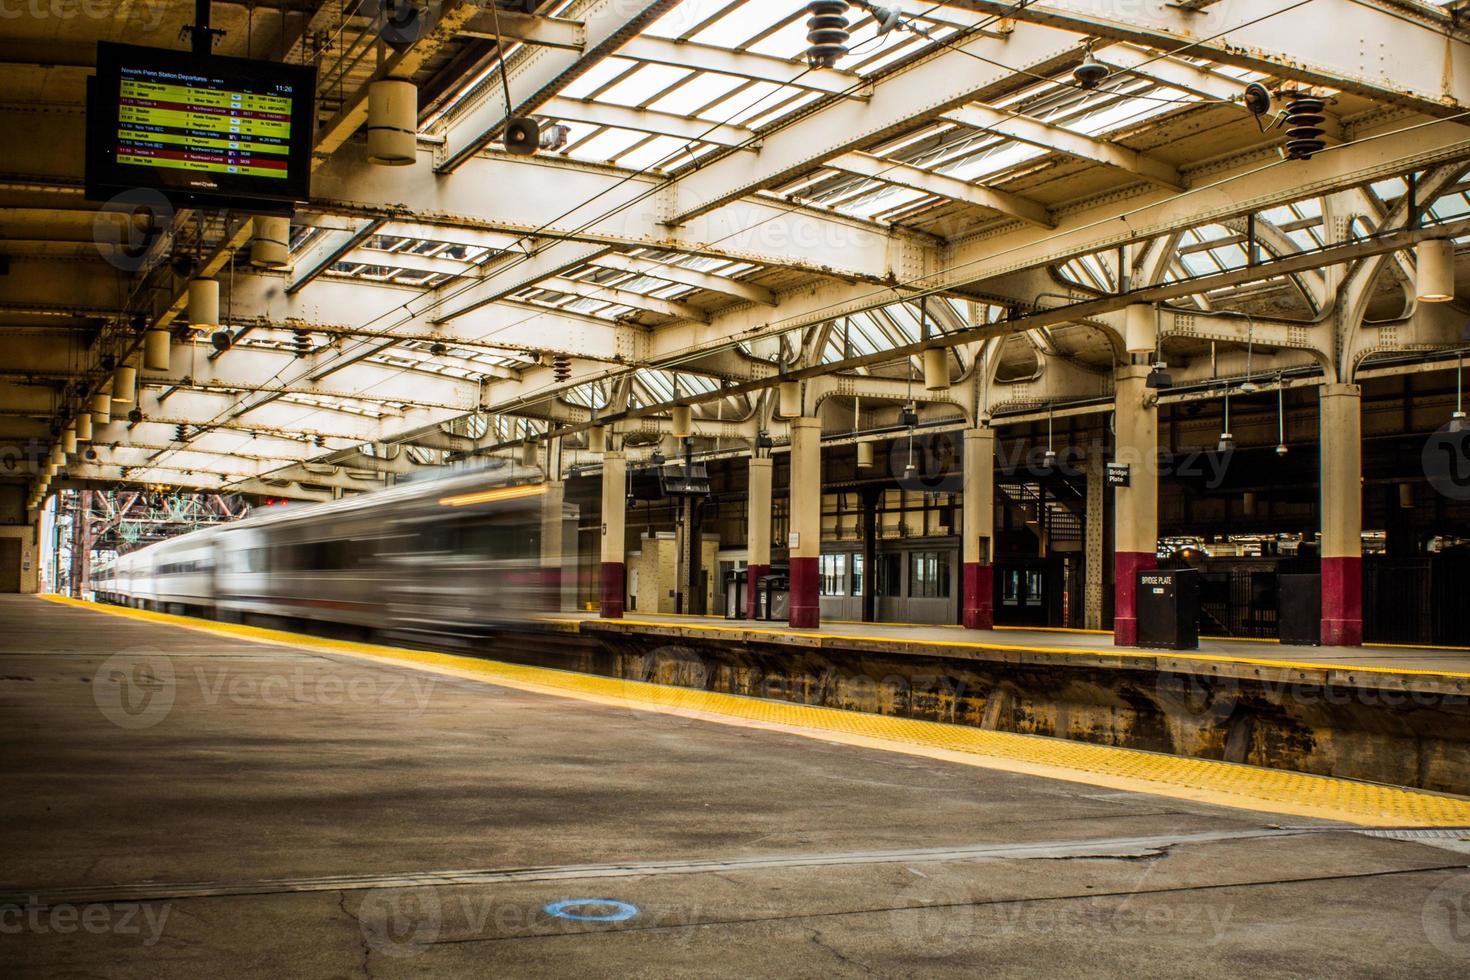 treno rapido in una stazione ferroviaria foto